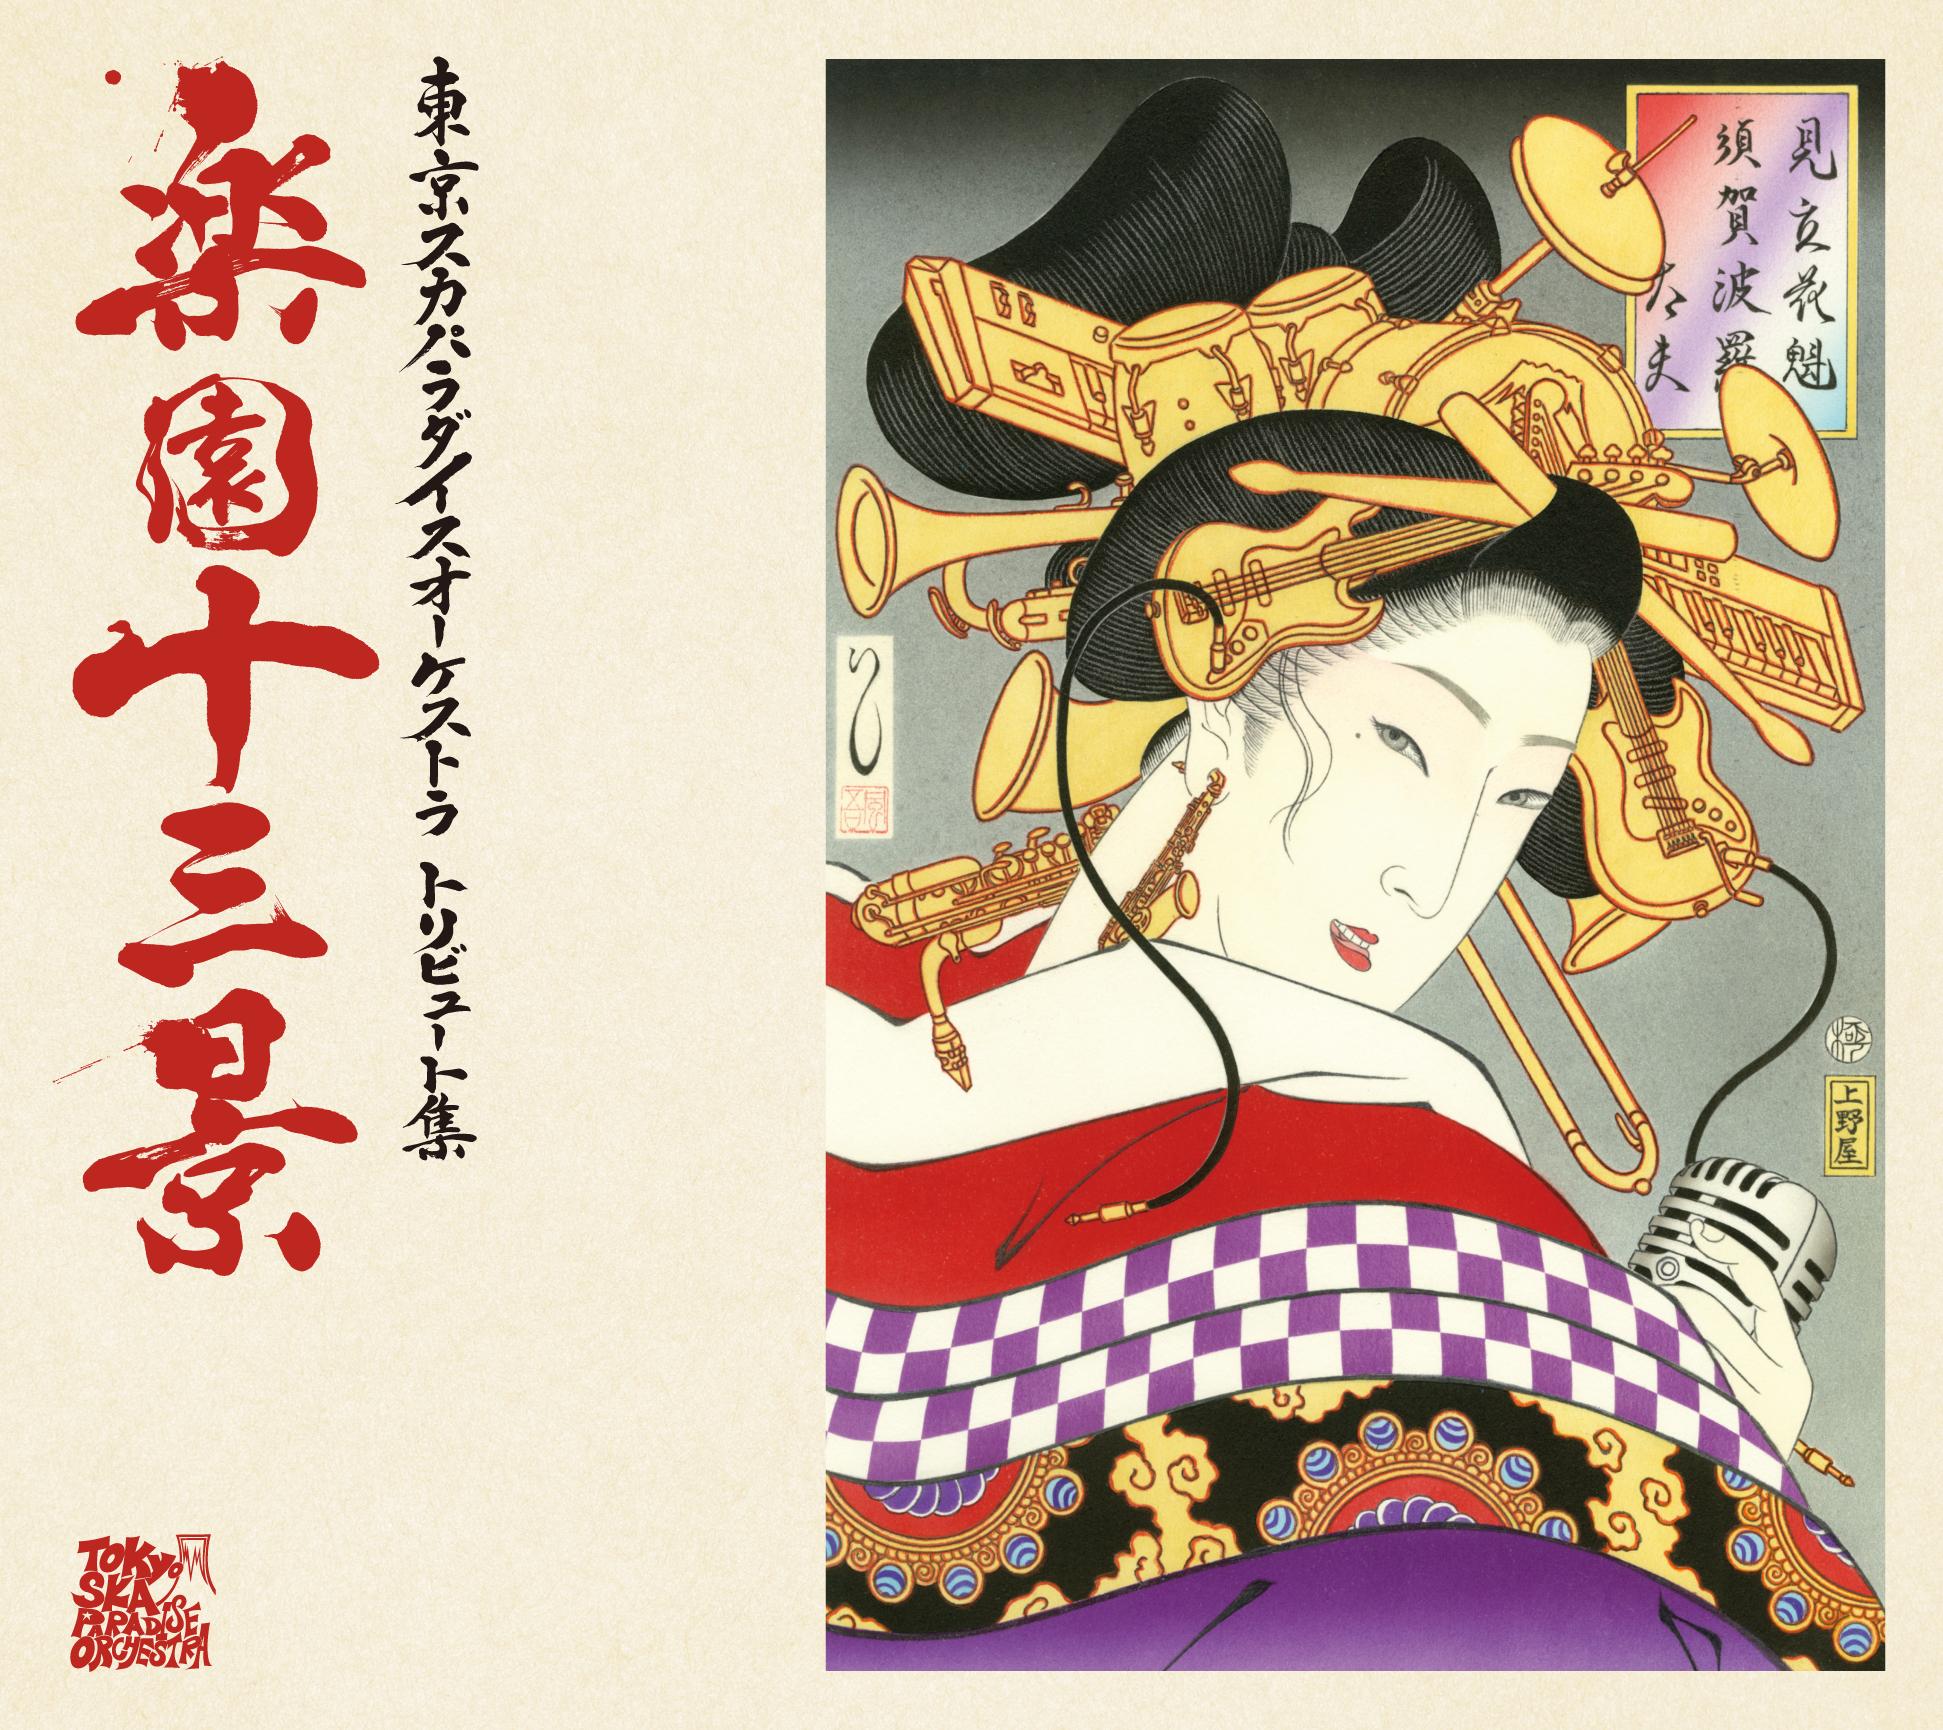 東京スカパラダイスオーケストラのトリビュートアルバムに参加決定!